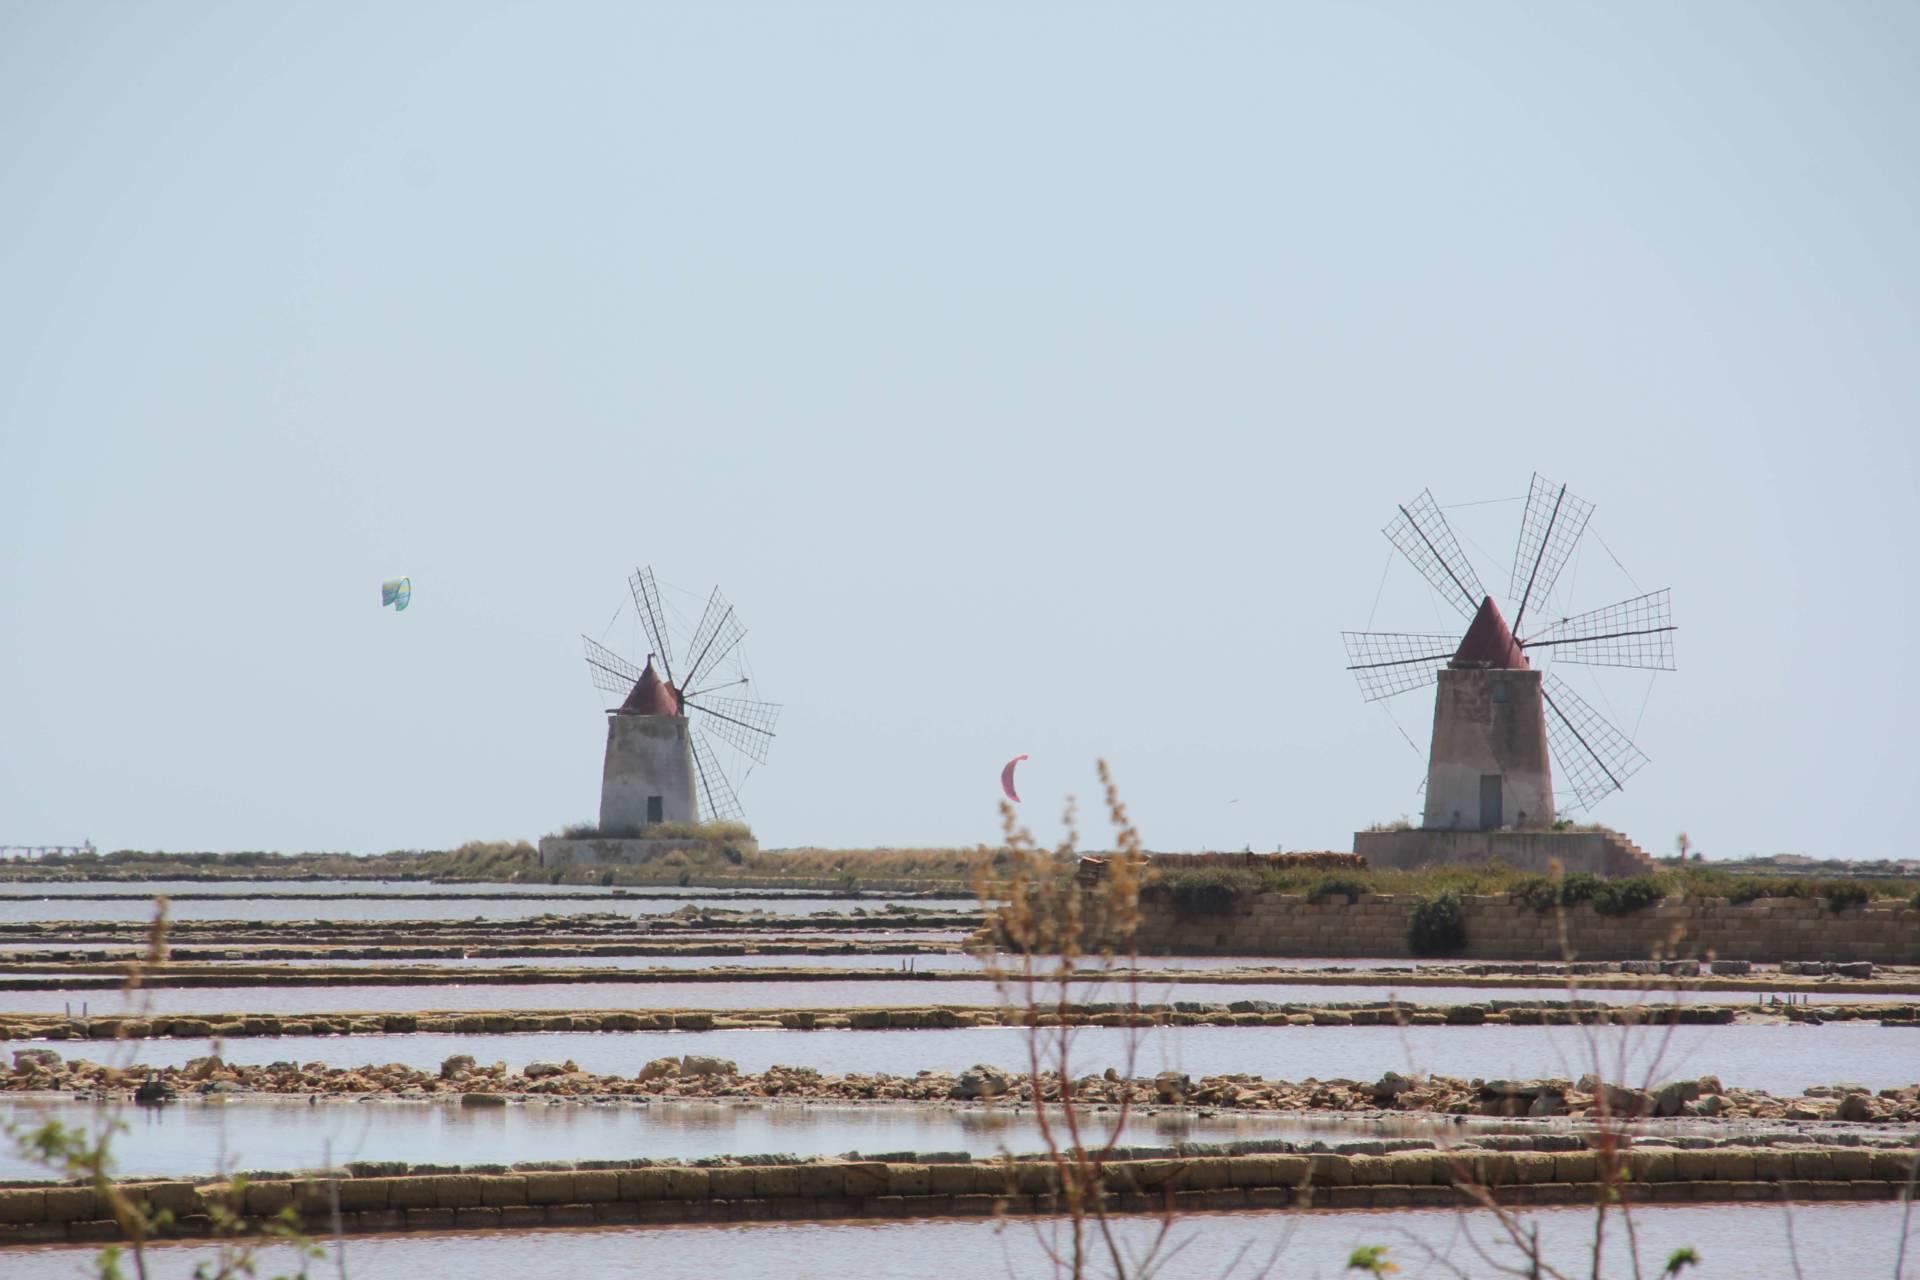 lo stagnone kite